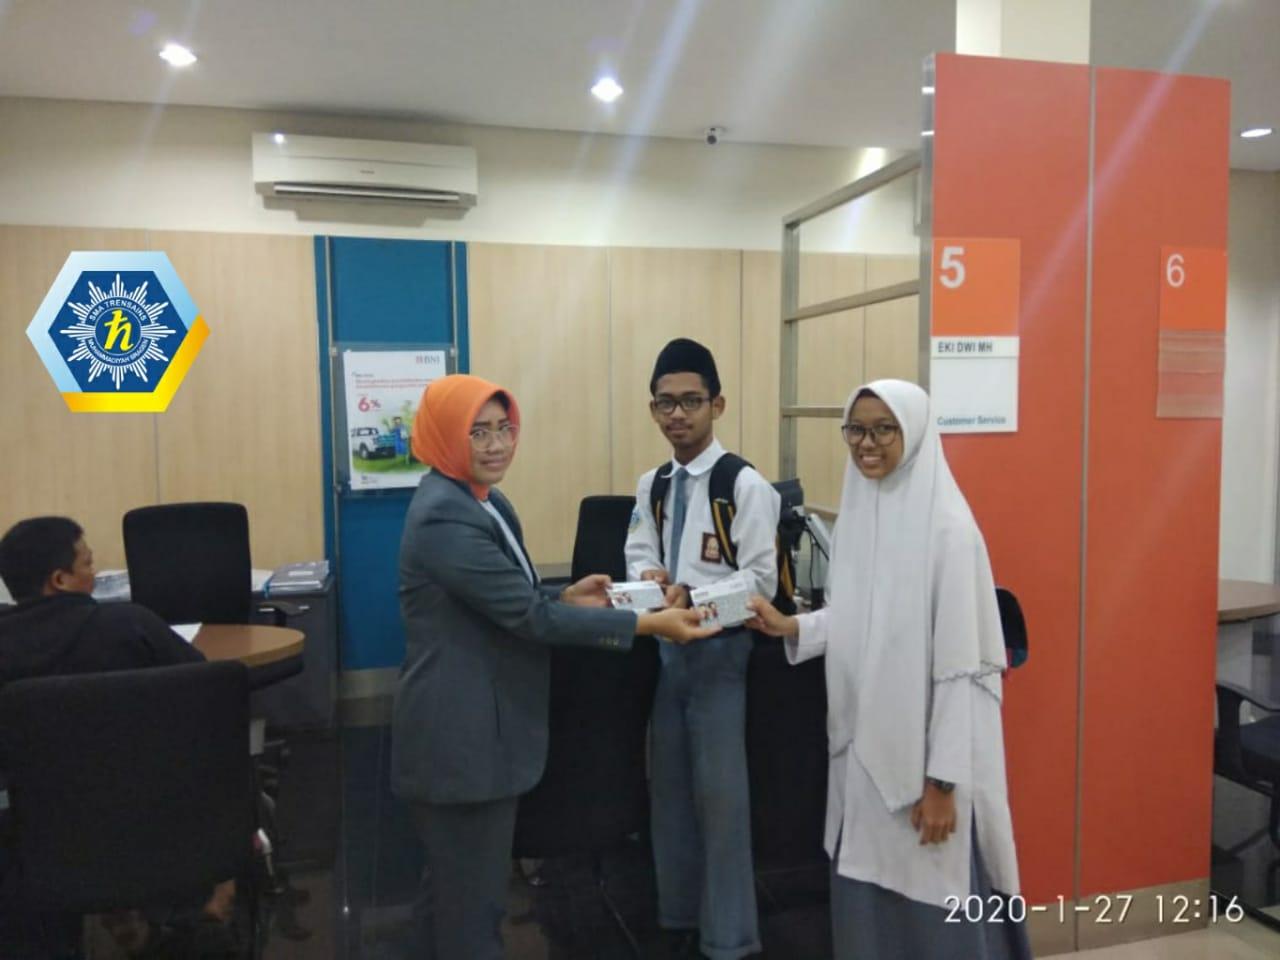 Kedua santri penerima beasiswa tersebut atas nama Khunur Muhammad Aulia Rahman dan Humaidah Dwi Rahmayanti santri Trensains Sragen peraih emas untuk cabang Fisika dan Kimia tersebut diganjar beasiswa dari Kemendikbud. Serah terima di gedung BNI Cabang Sragen pada Senin (27/1/2020)